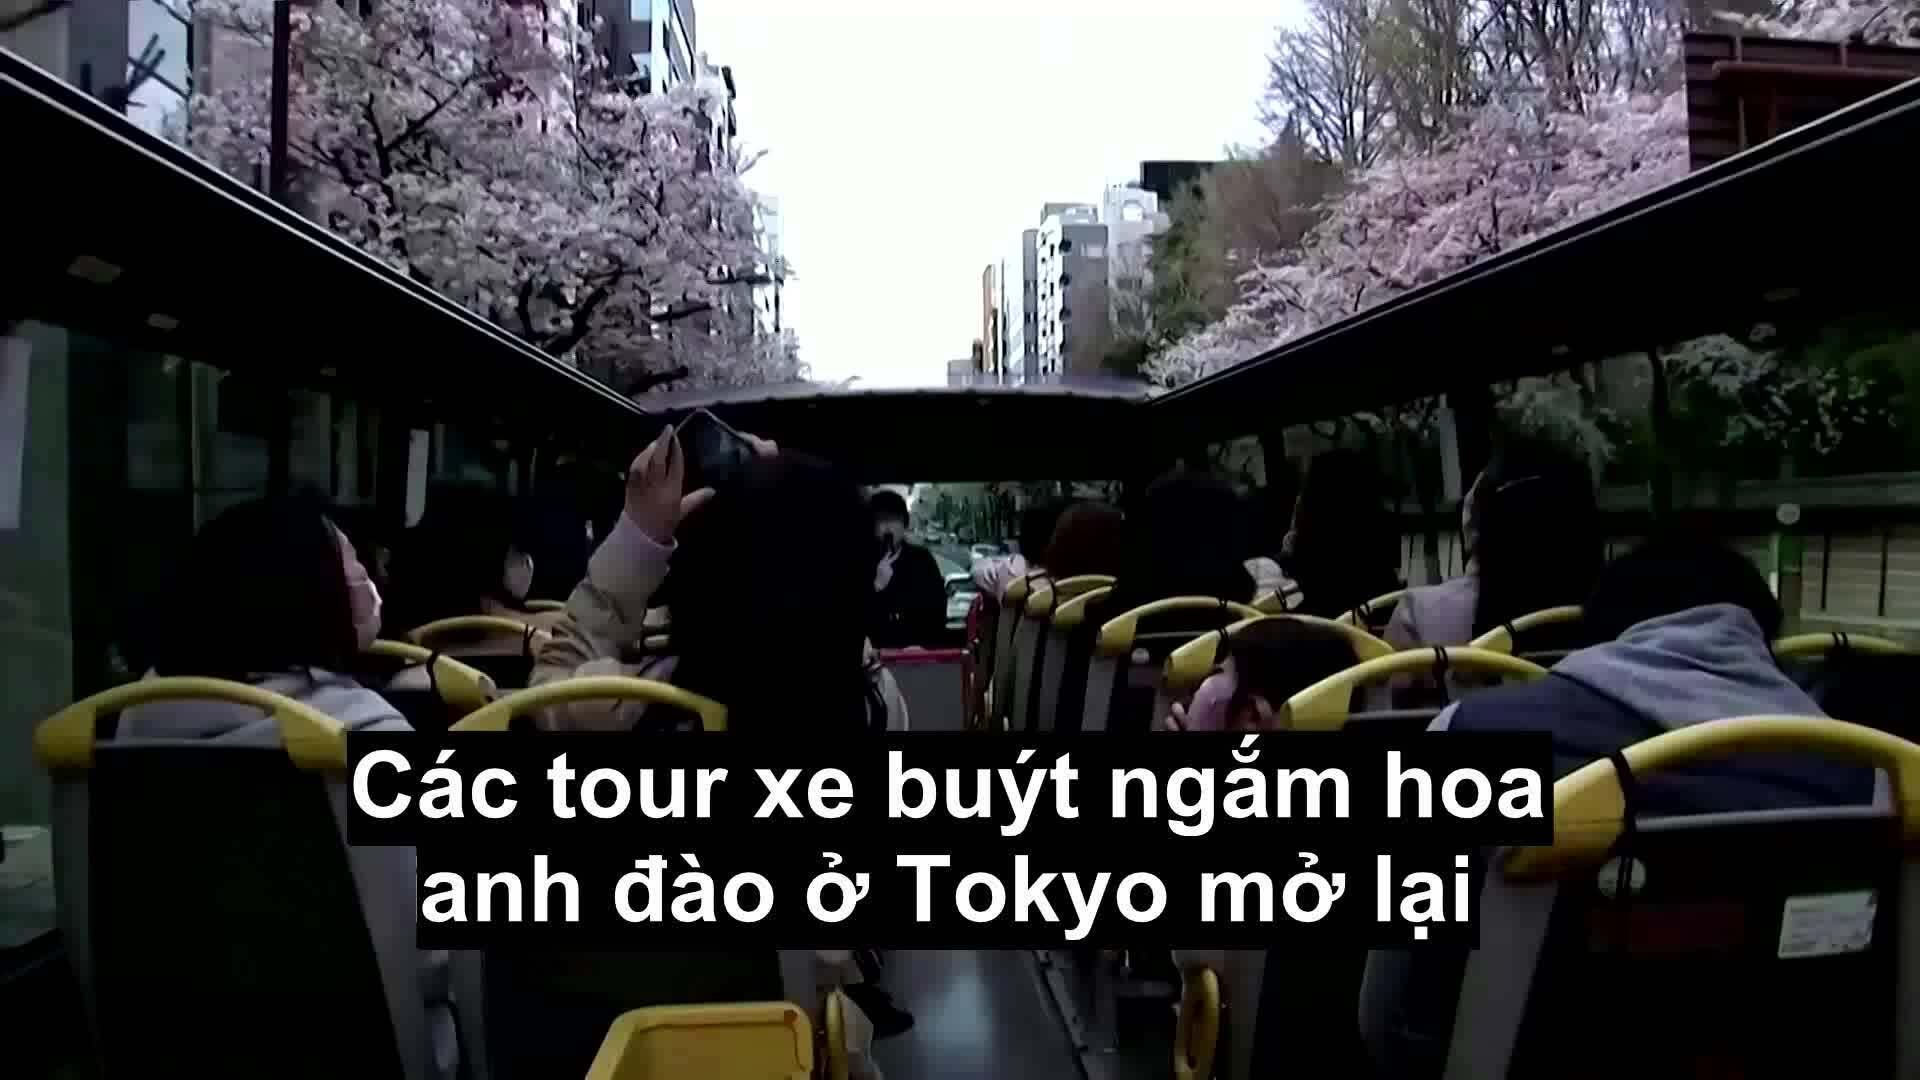 Ngồi xe buýt ngắm hoa anh đào Tokyo